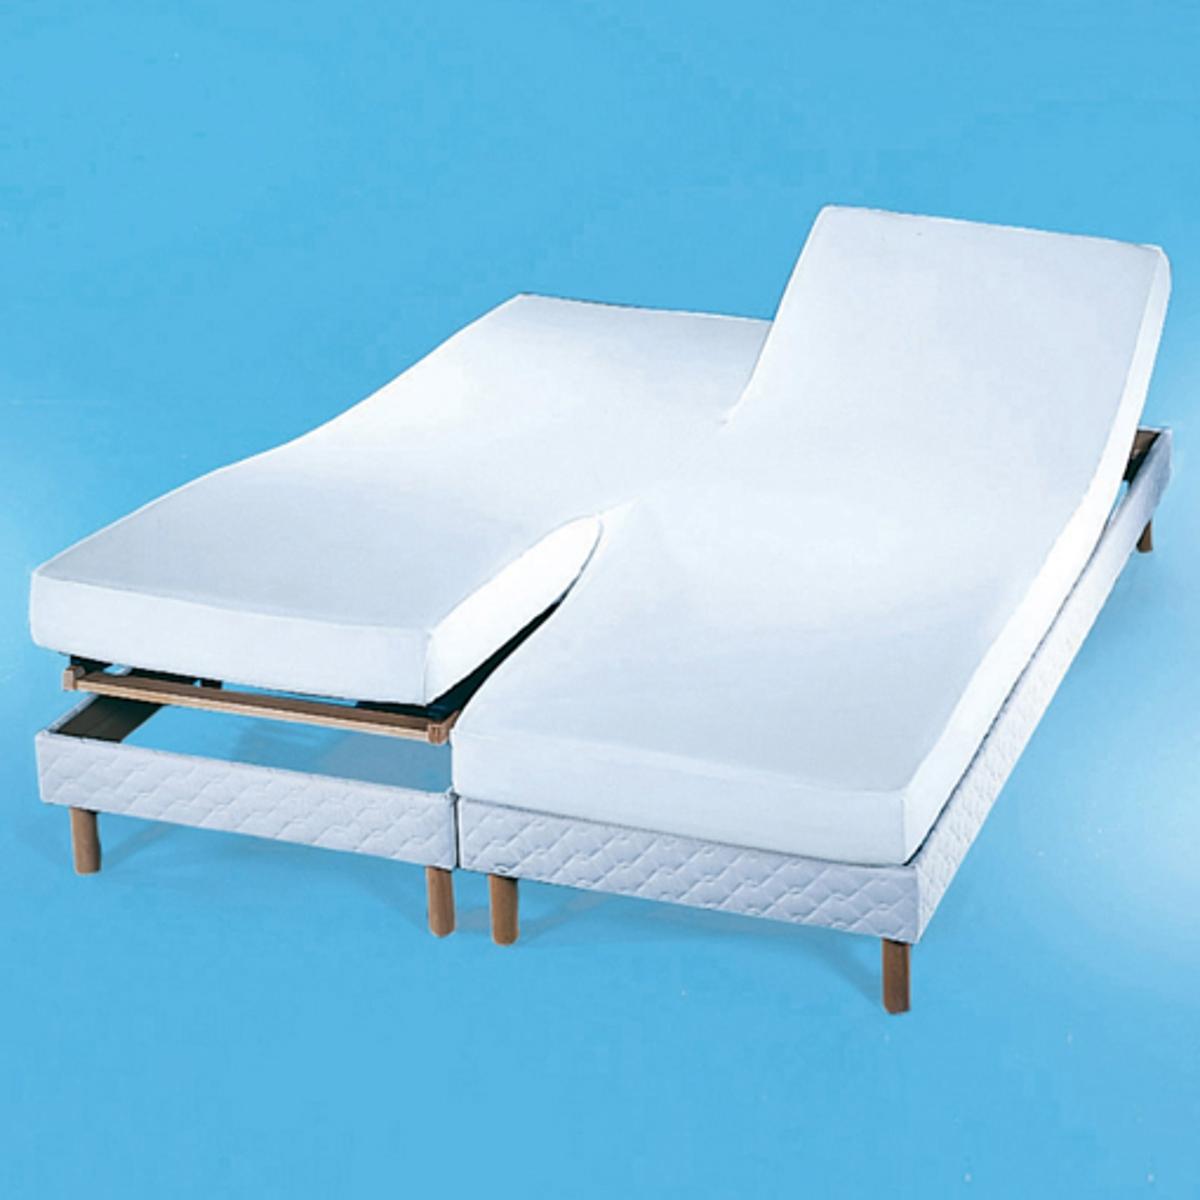 Чехол защитный для спаренных матрасов, 220 г/м?Чехол для спаренных матрасов (кровати со съемными ножками и изголовьями) из мольтона (220 г/м?), 100% хлопок, высокий комфорт (начес с двух сторон) и прочность. 2 наматрасника, сшитых посередине. Стирка при 95°С для идеальной гигиены, обработка от усадки ткани SANFOR. Углы на резинках.Изделие с биоцидной обработкой Качество VALEUR S?RE.<br><br>Цвет: белый